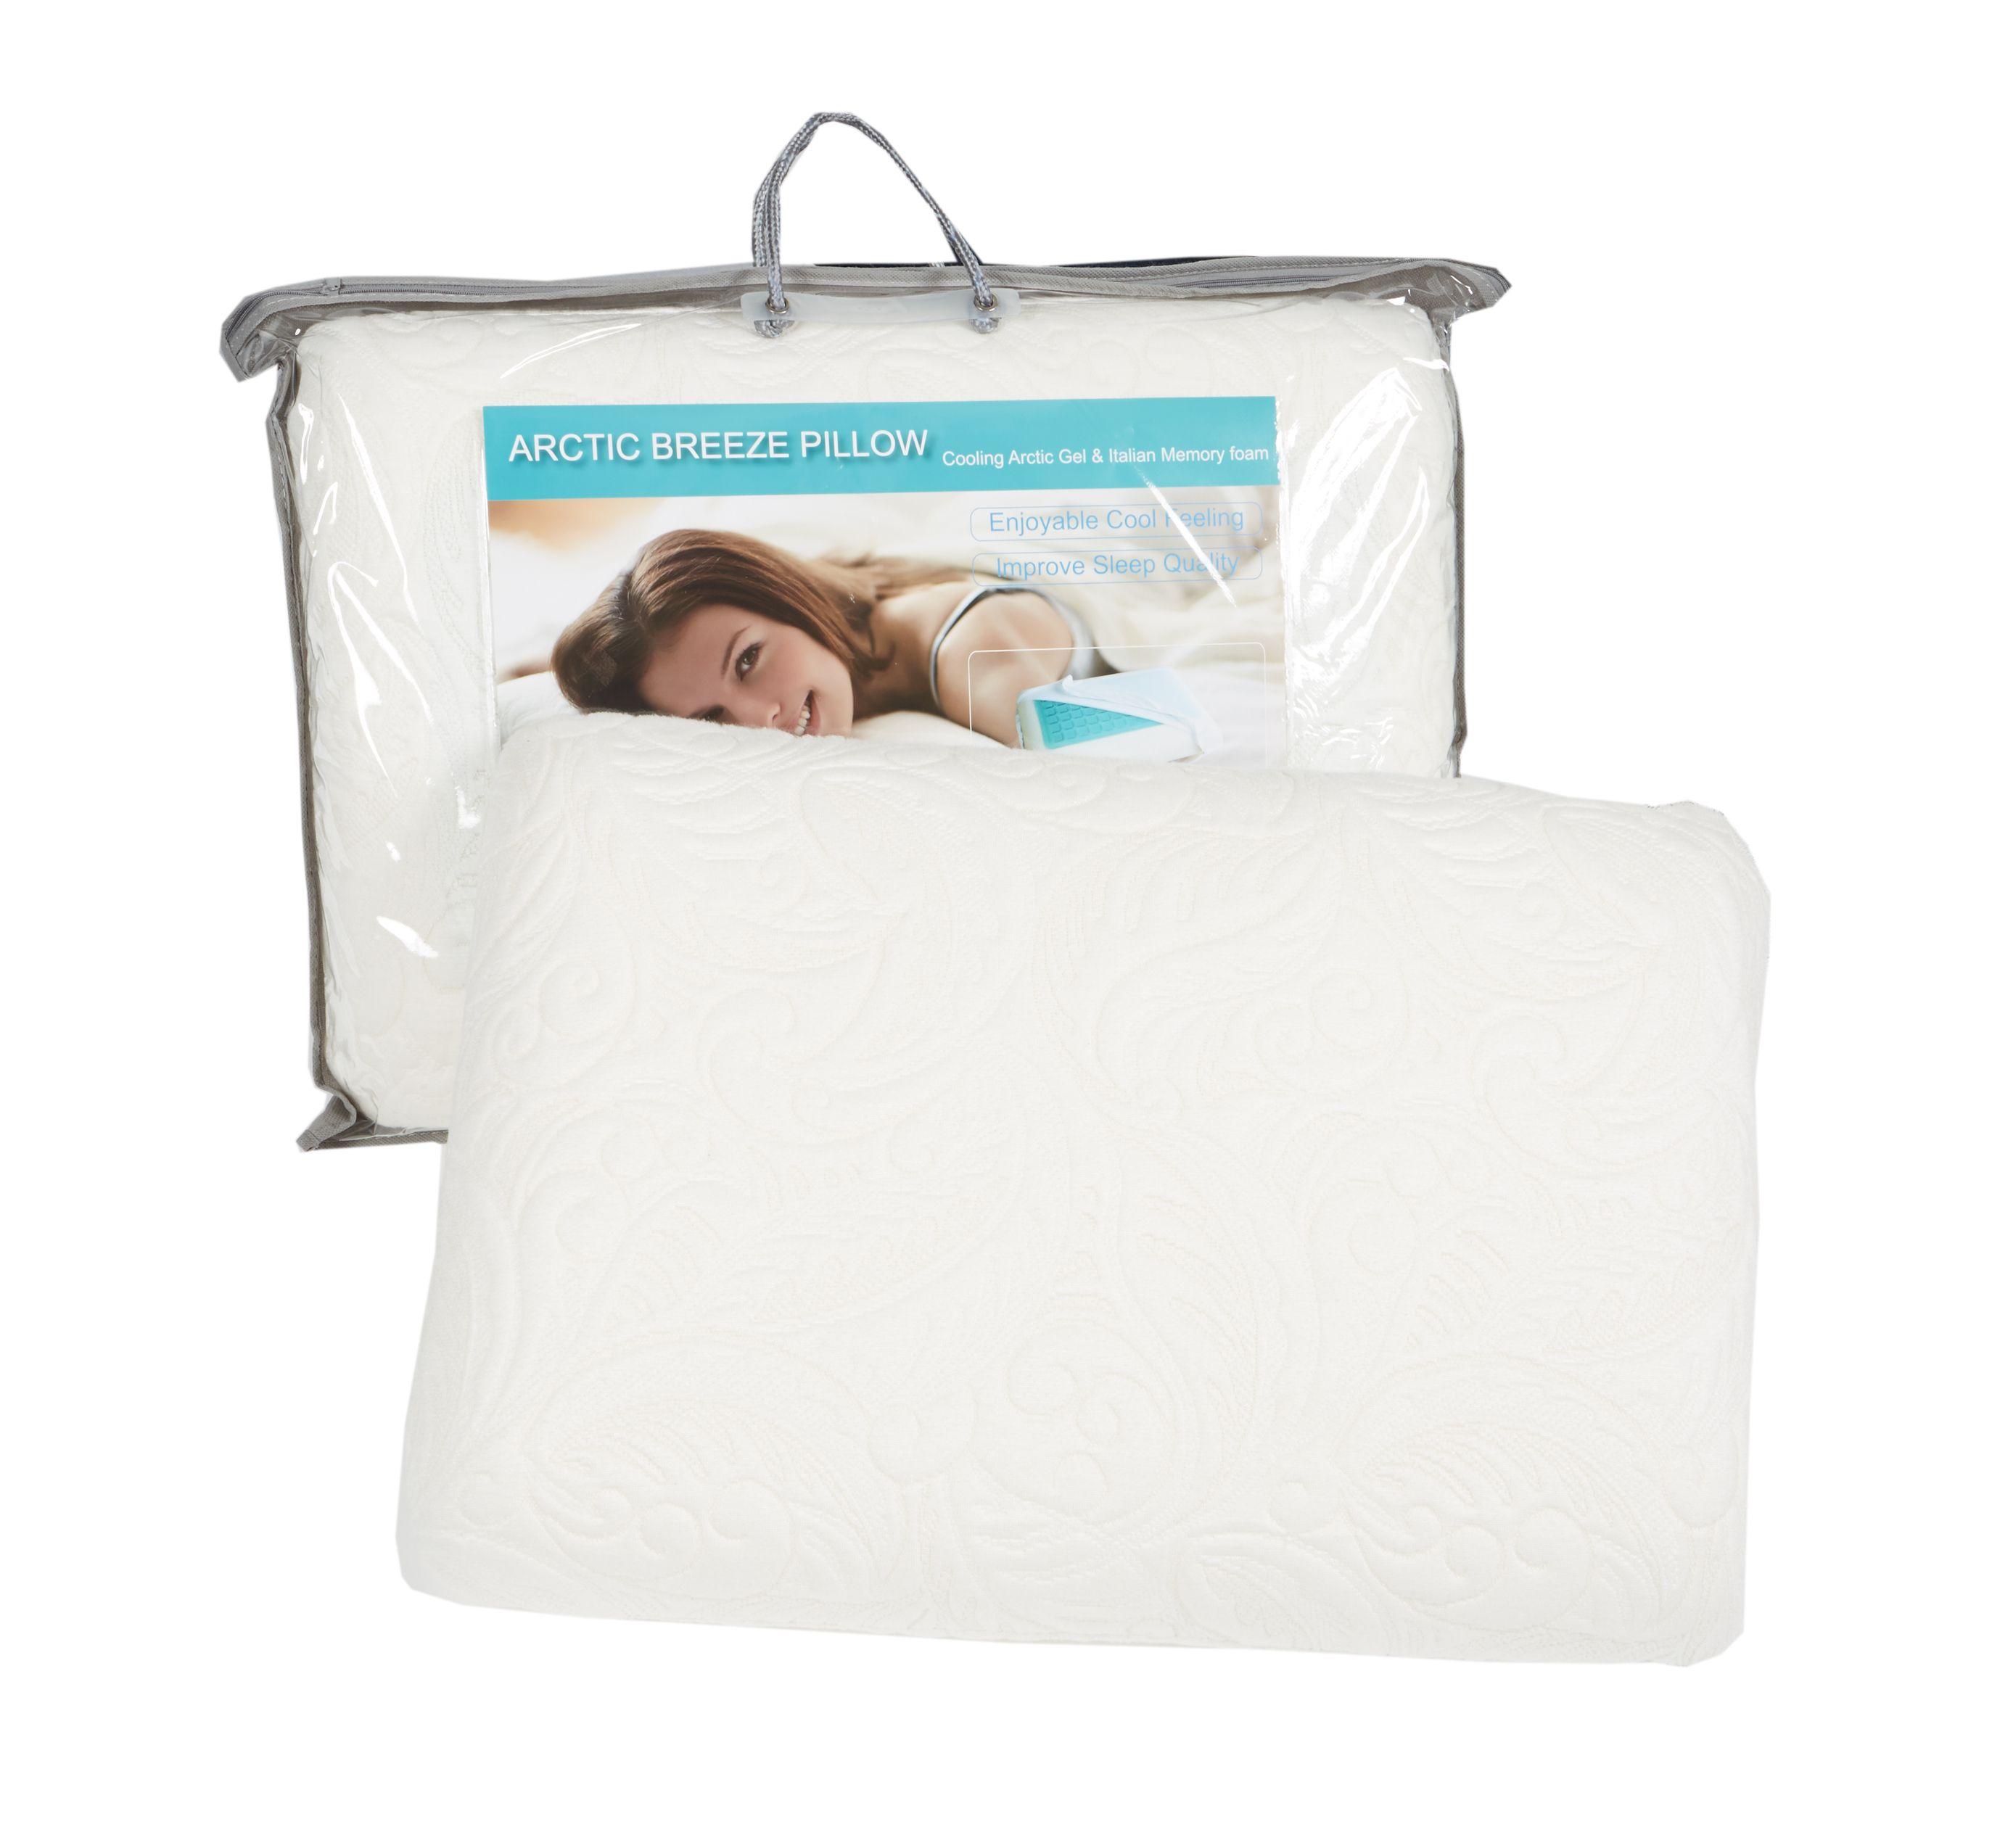 Cool Tech Gel Infused Memory Foam Pillow By Easy Rest Queen Firm Pillows Pillows Memory Foam Pillow